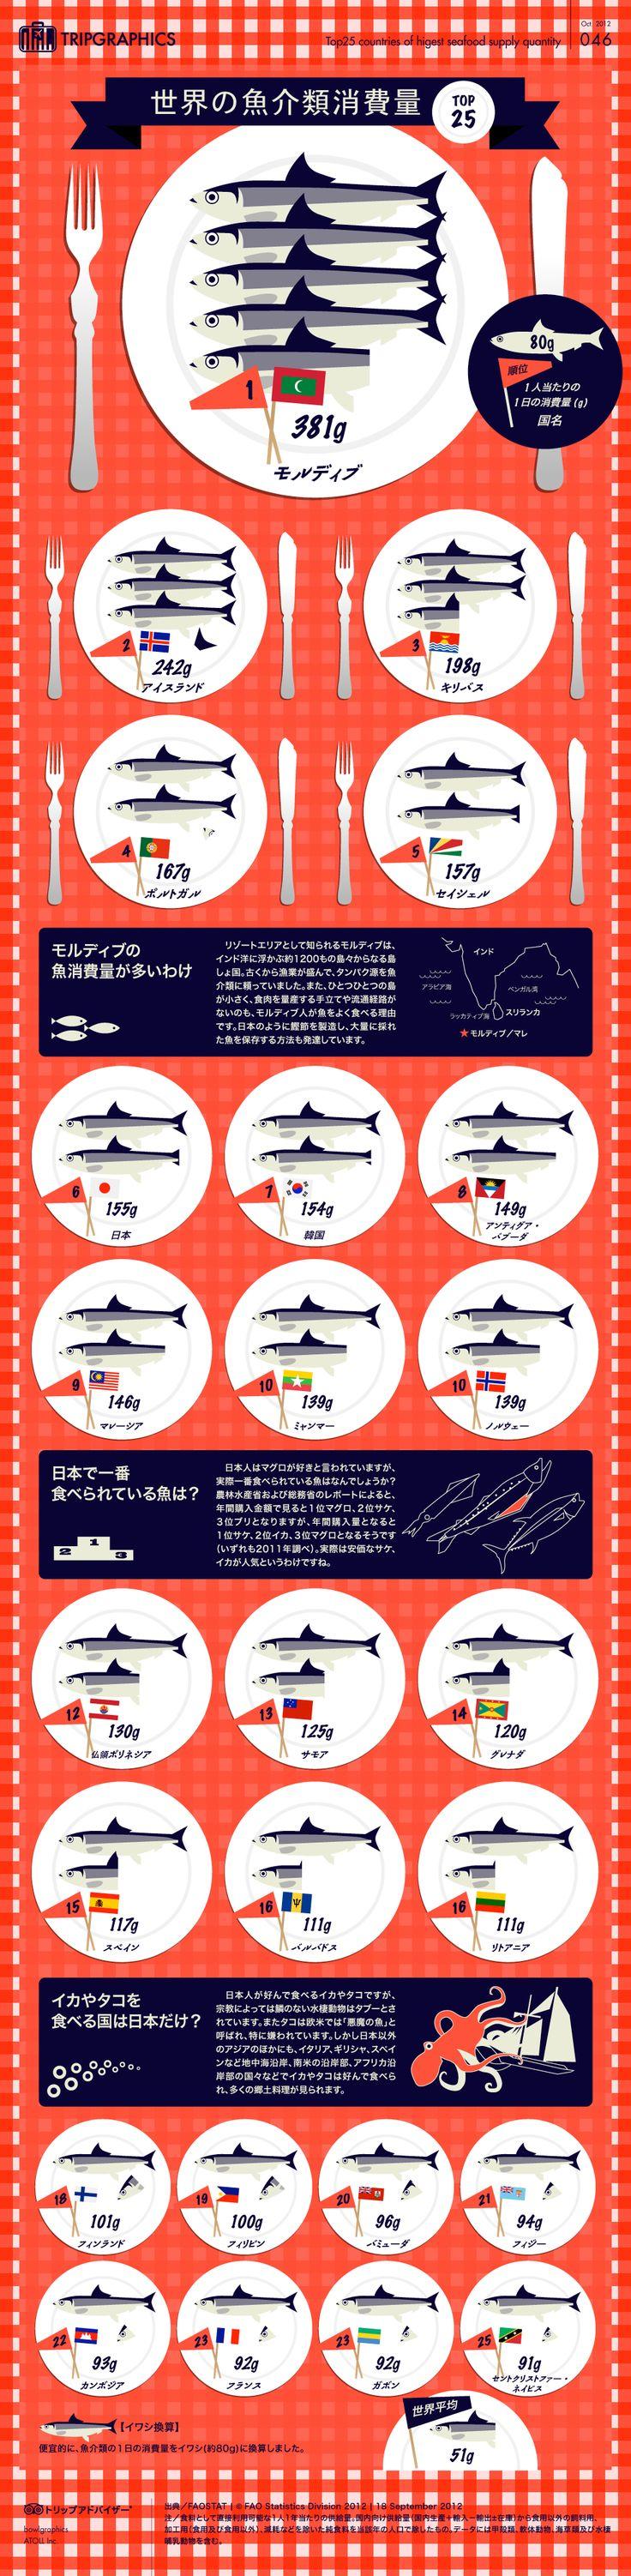 世界の魚介消費量 トリップアドバイザーのインフォグラフィックスで世界の旅が見える